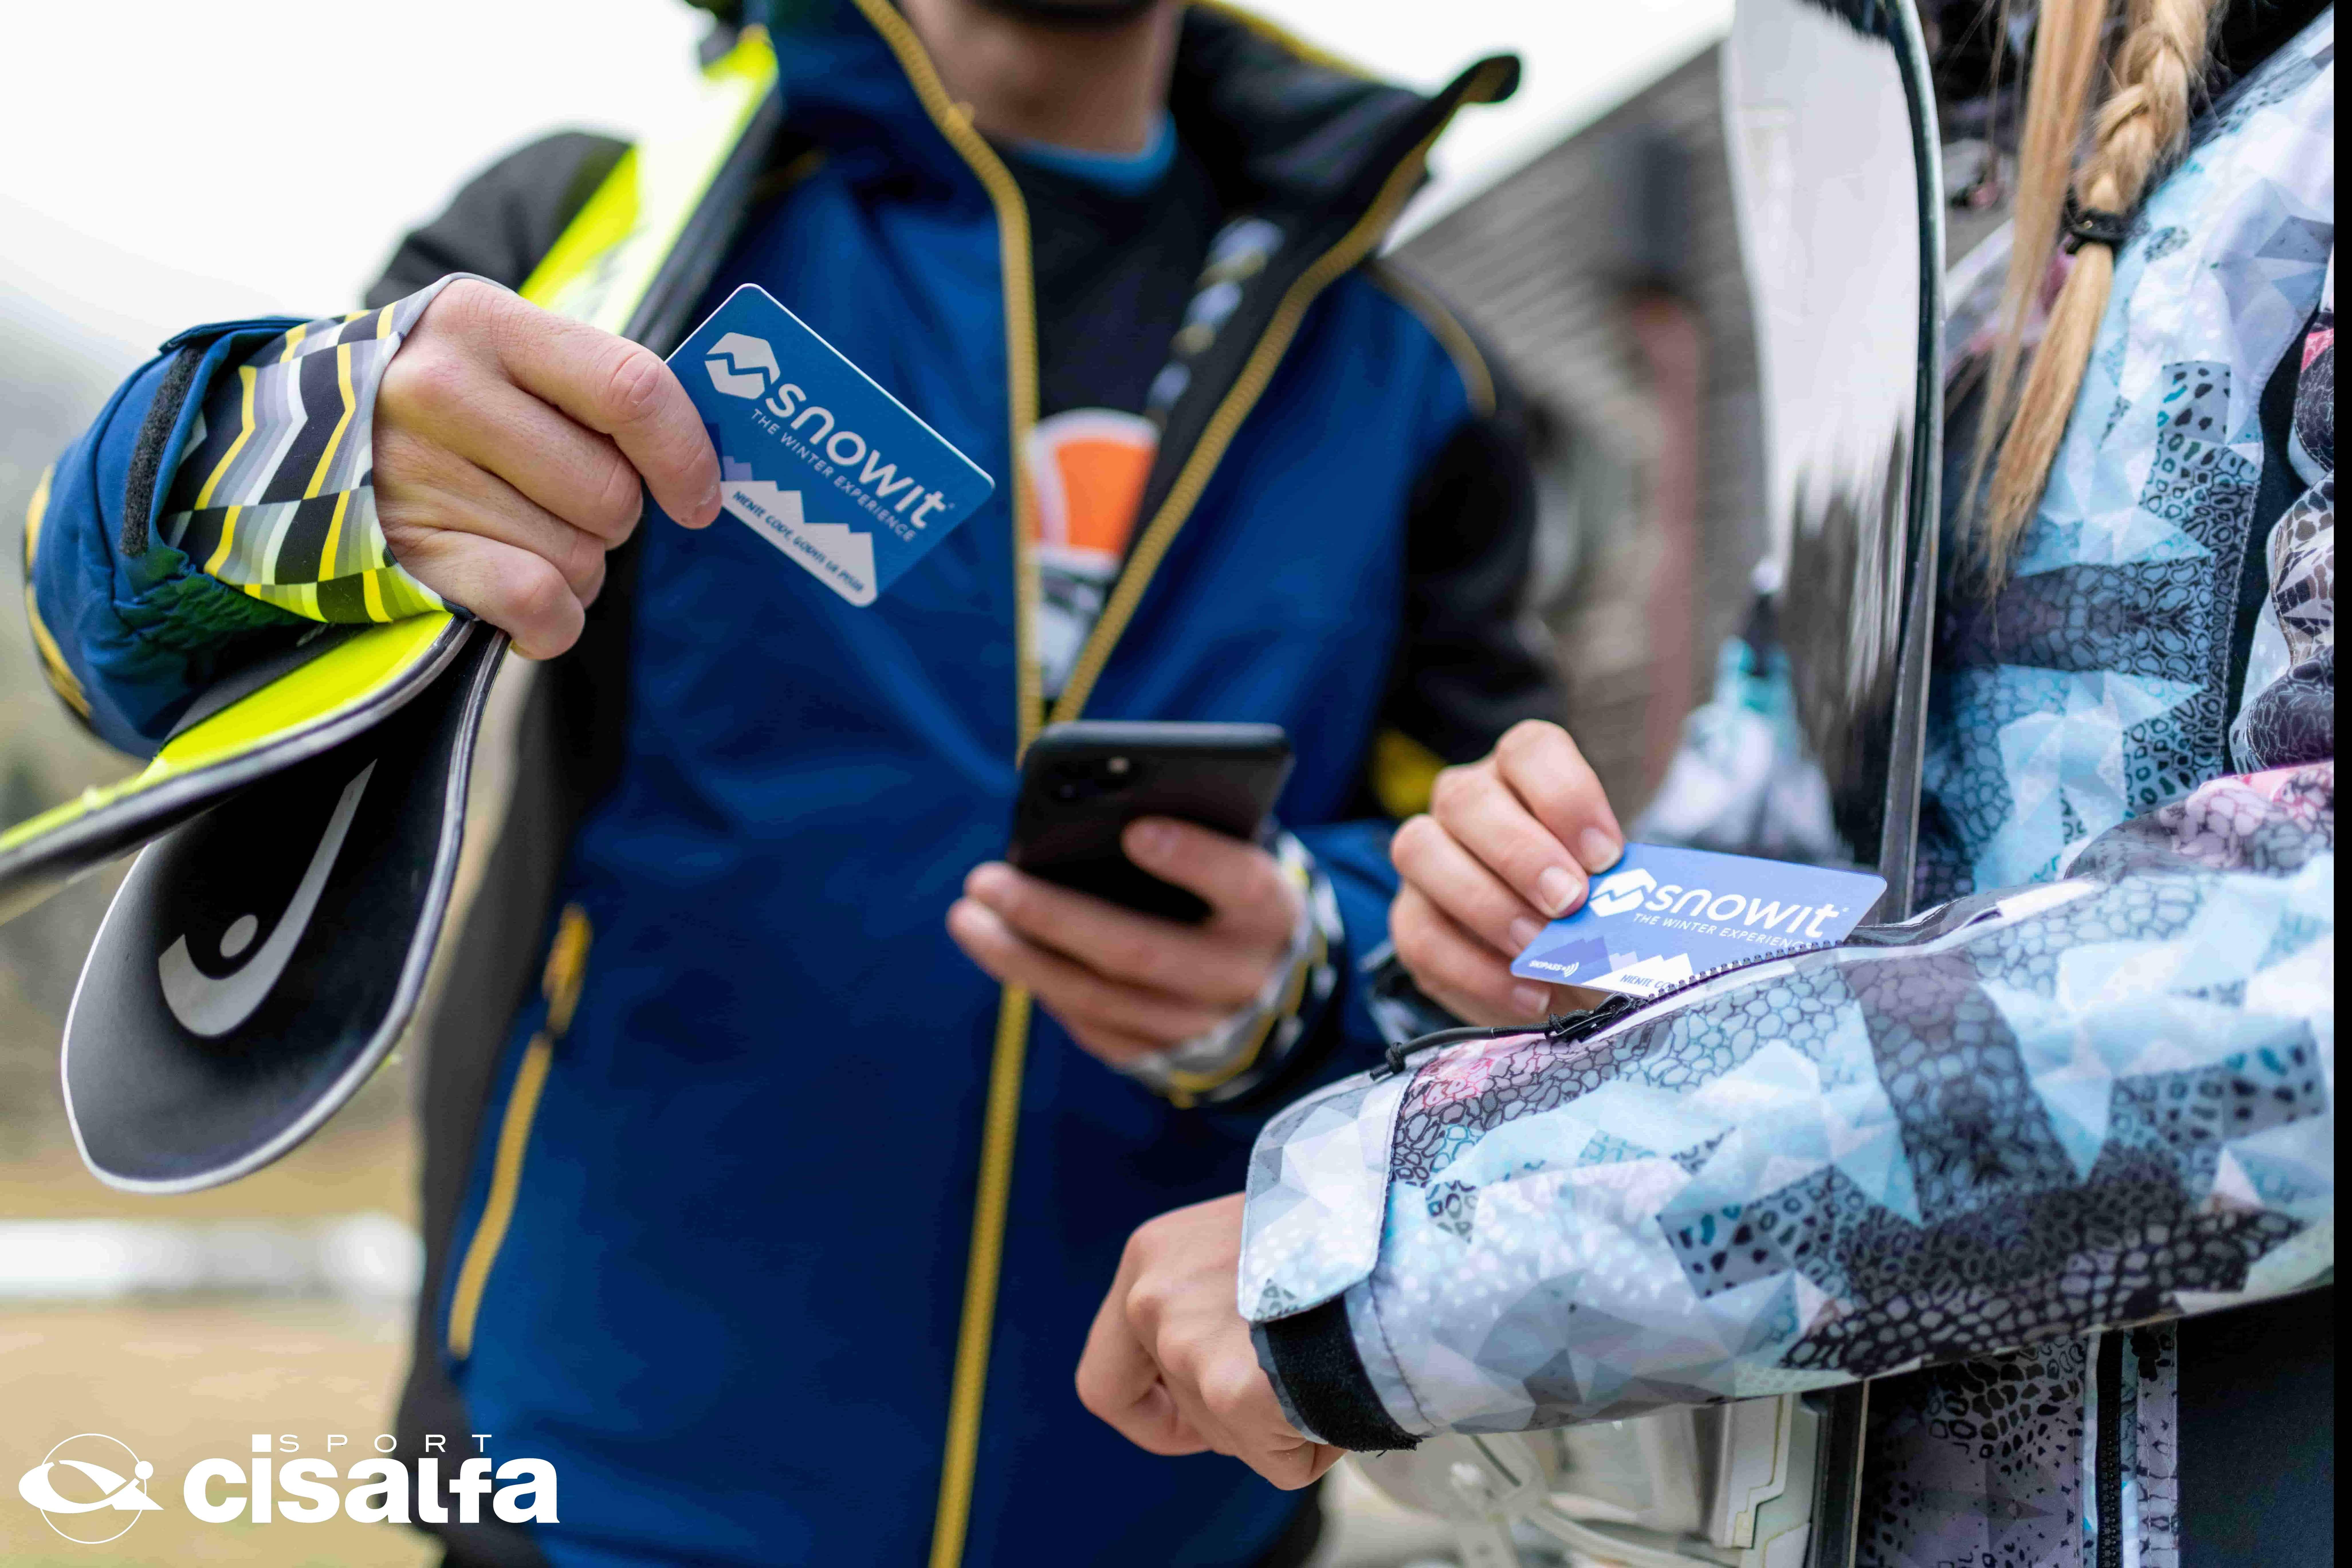 Promozione-snowitcard-cisalfa